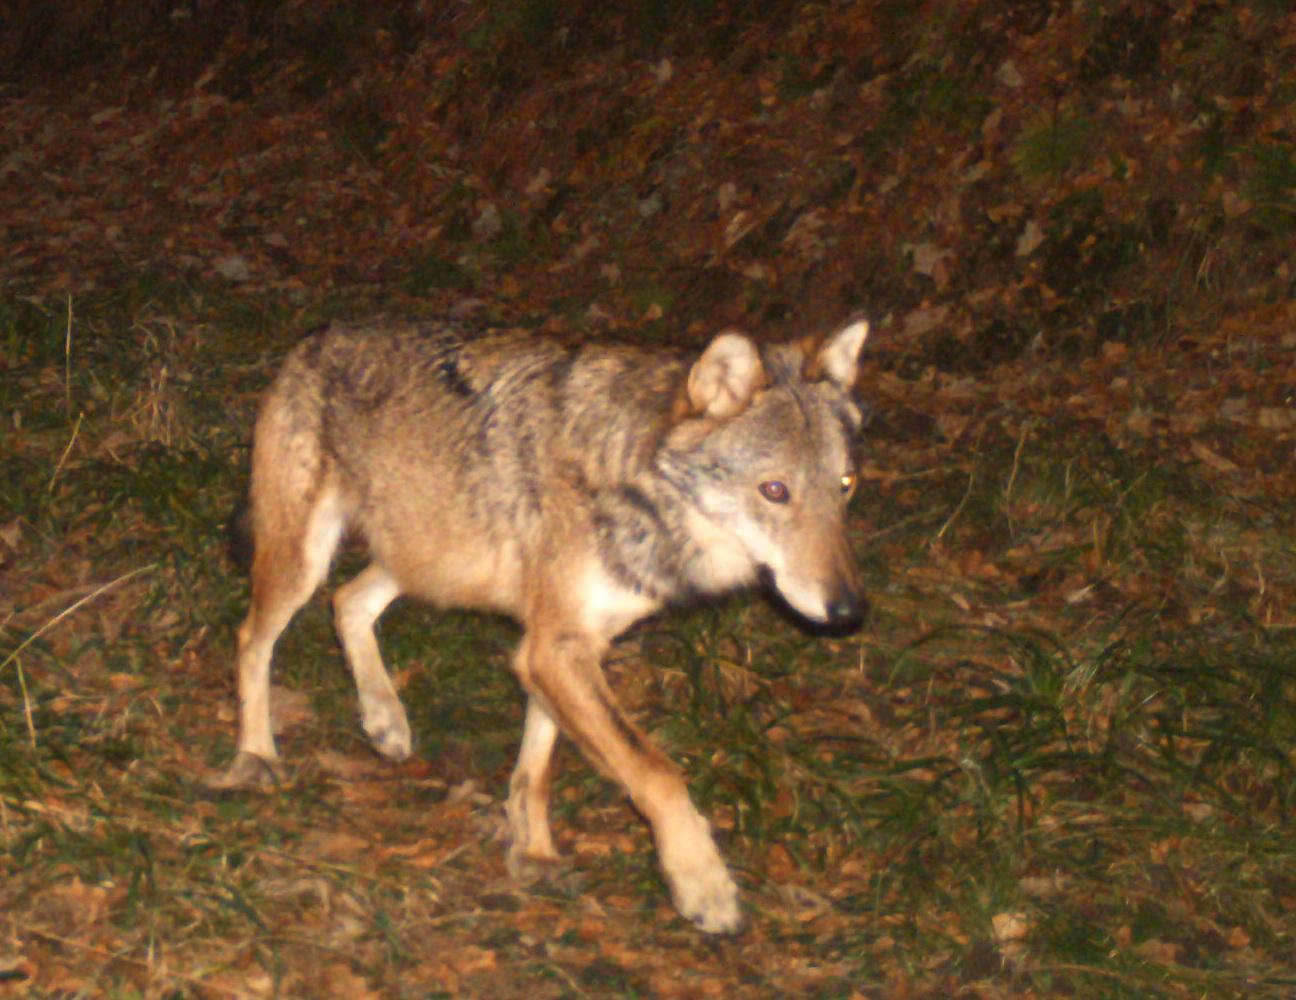 Quelle Est La Conduite A Tenir En Cas De Rencontre Fortuite D Un Loup Le Loup En France